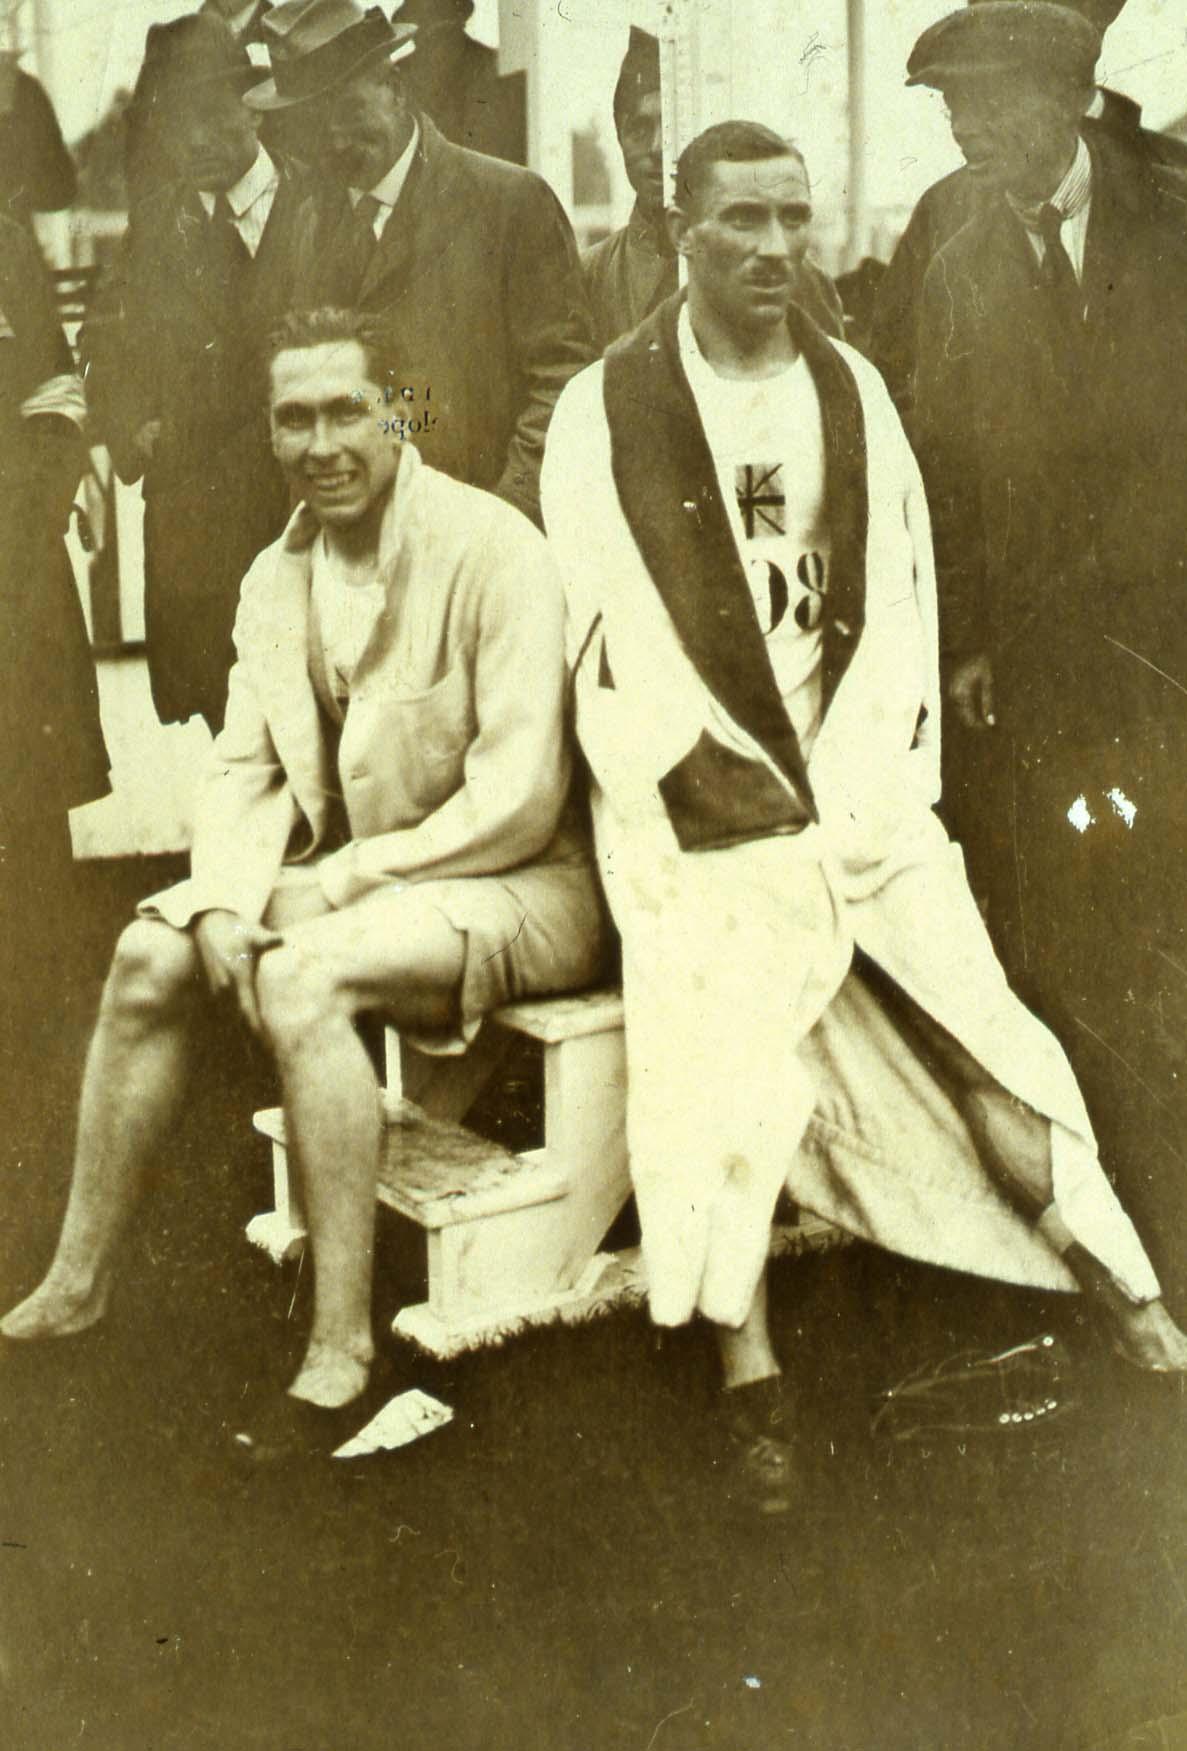 HILL Albert & NOEL-BAKER Philip OG 1920